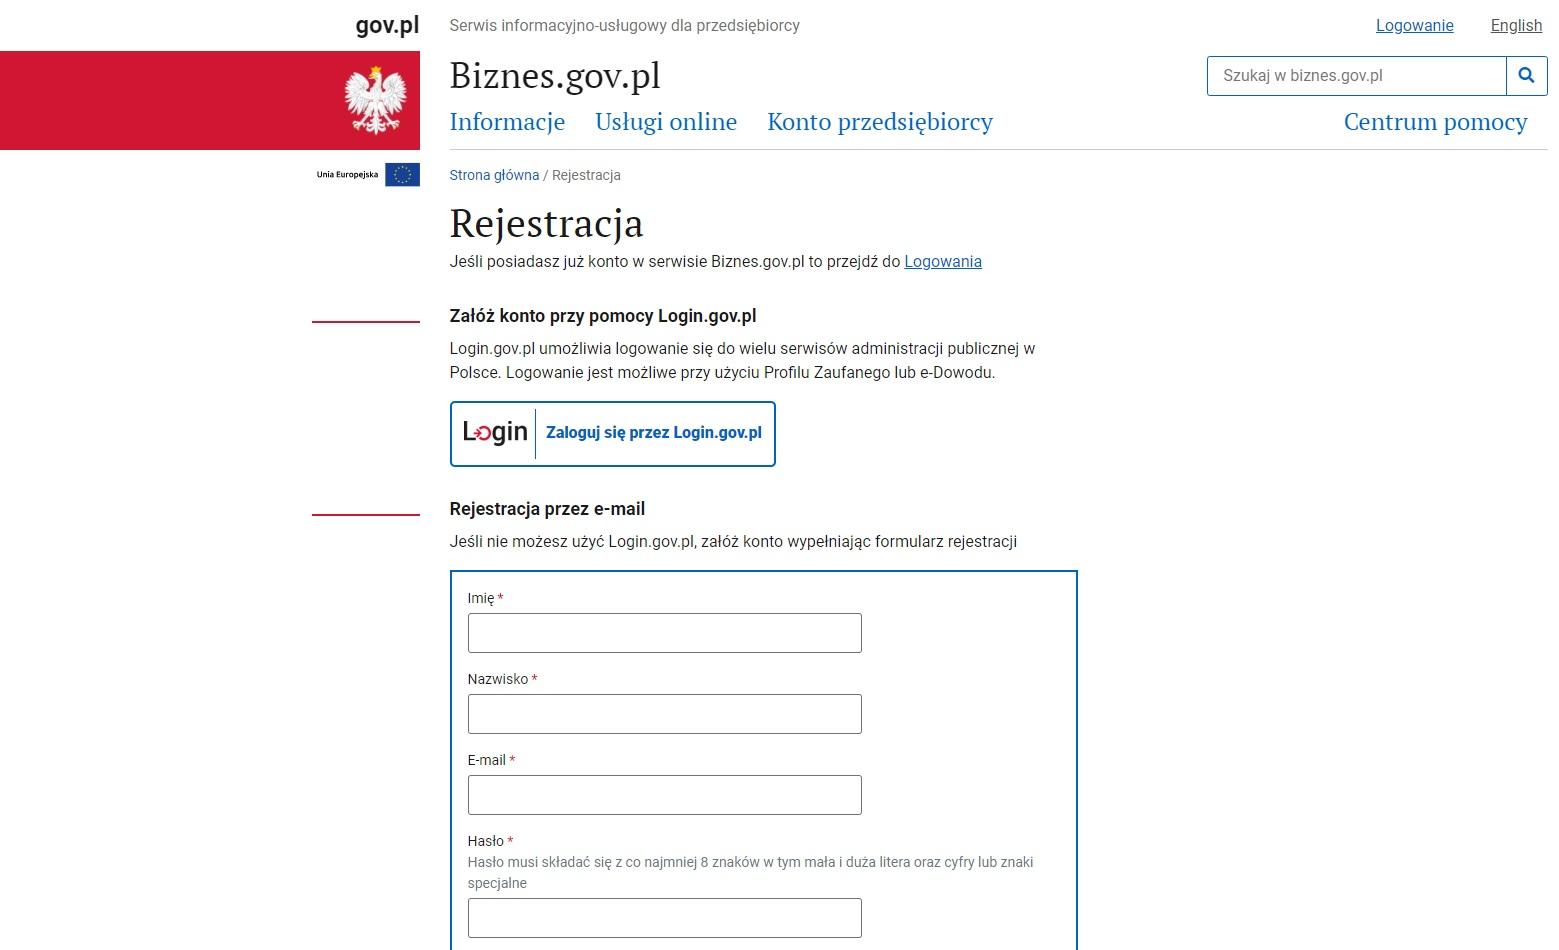 Rejestracja przez e-mail w celu założenia jednoosobowej działalności gospodarczej online